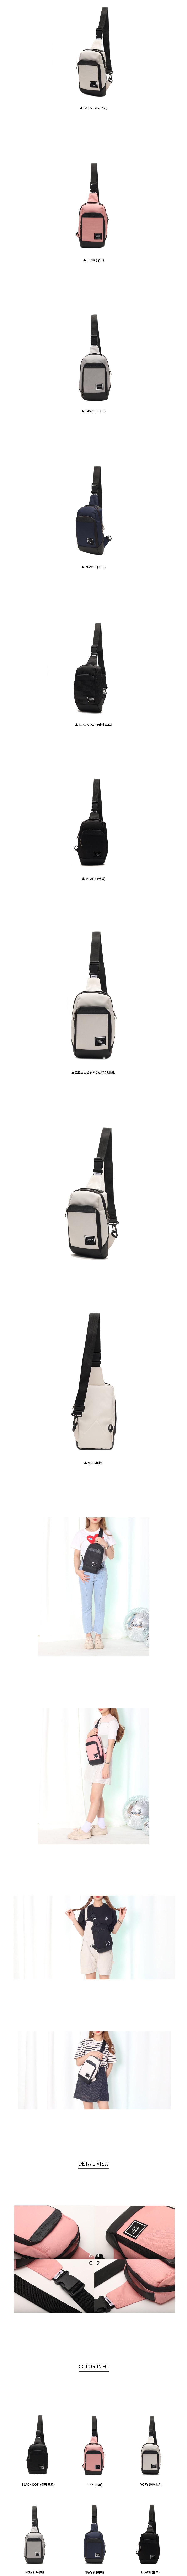 심플 믹스 슬링백 - 릴리, 27,400원, 힙색, 패브릭힙색